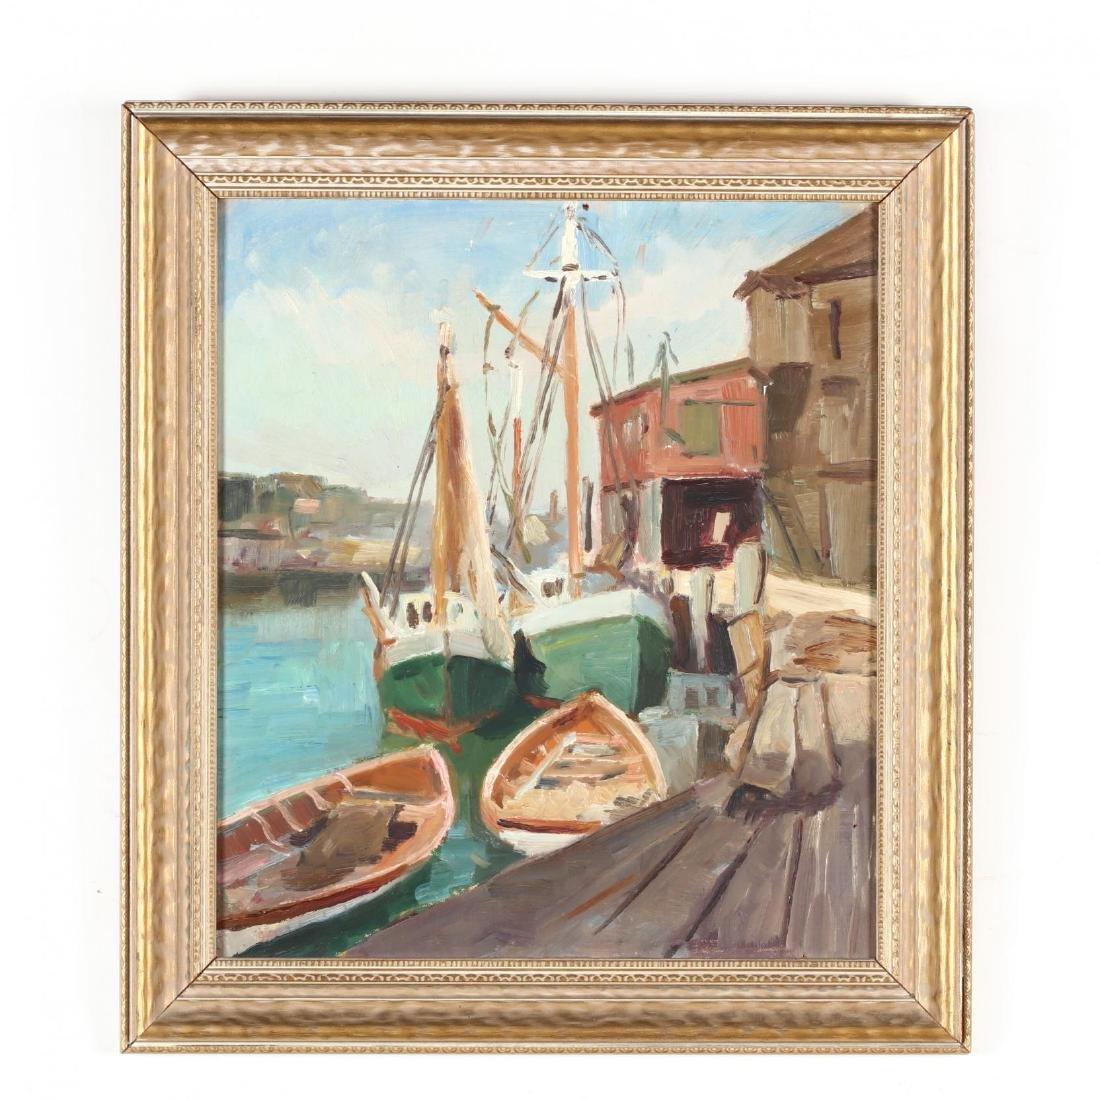 Caroline M. Bell (NY, 1874-1970), Harbor Scene